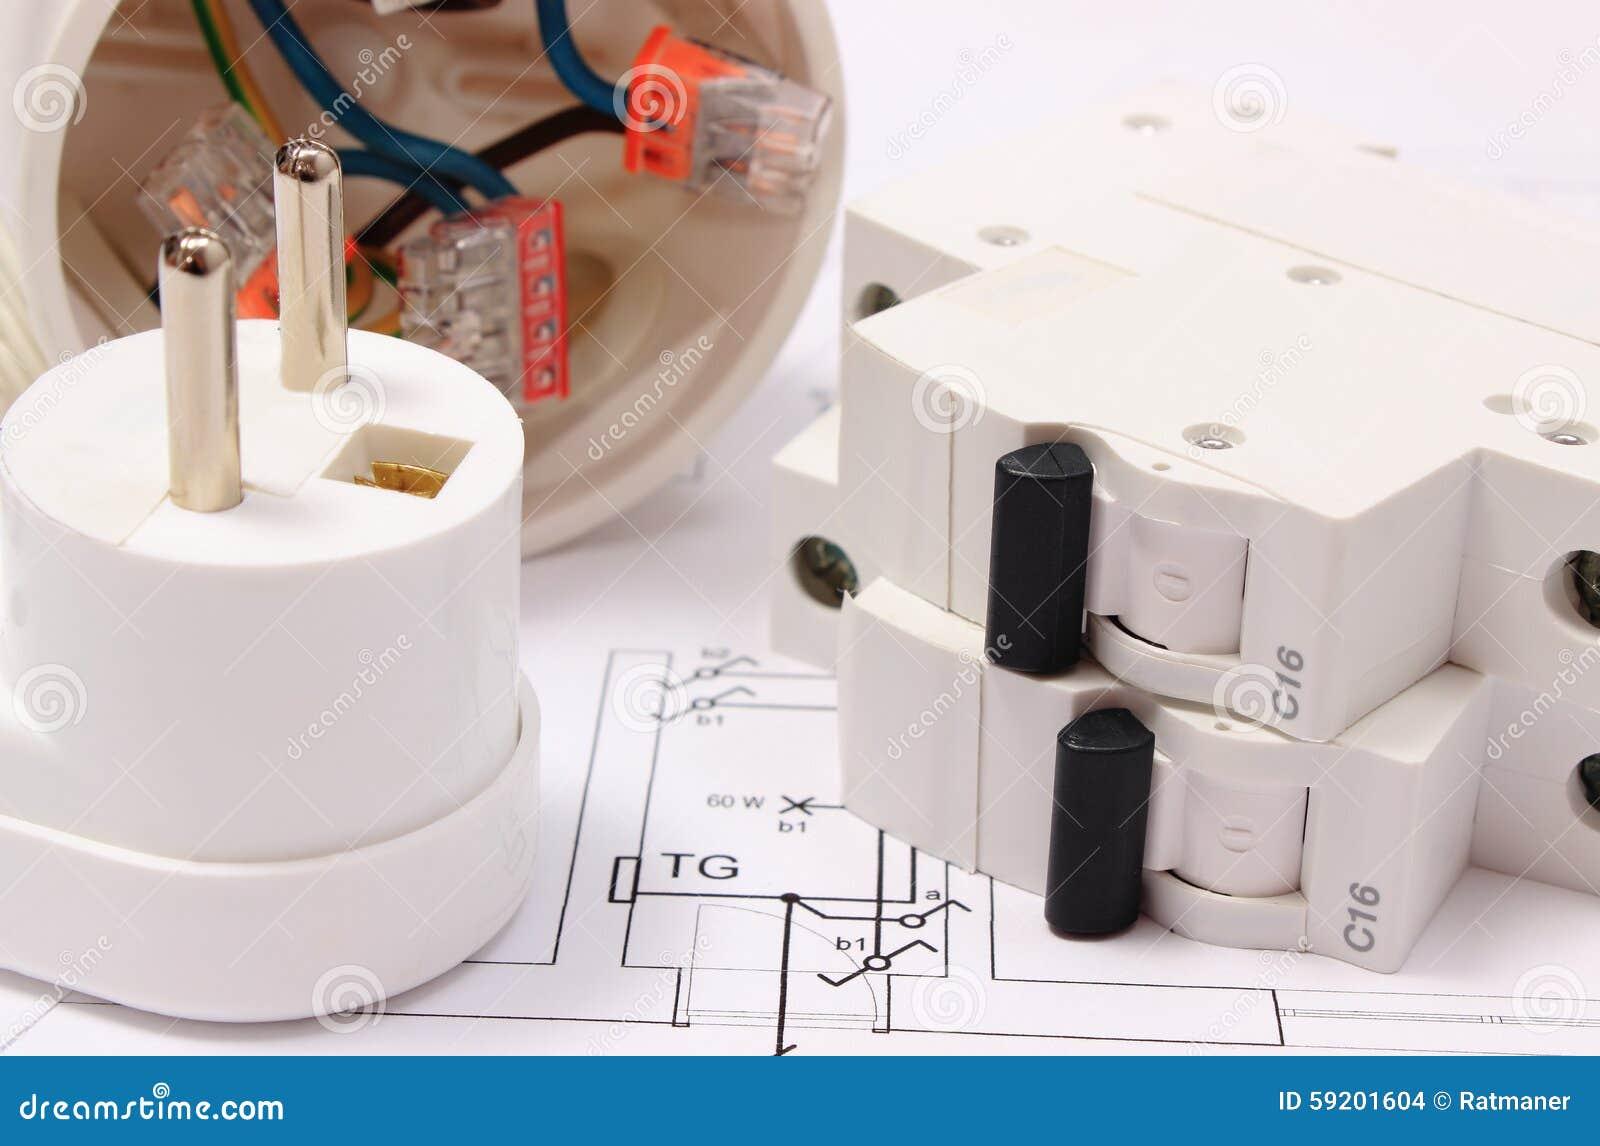 Elektrische Zekering En Stop Elektrodoos Op Bouwtekening